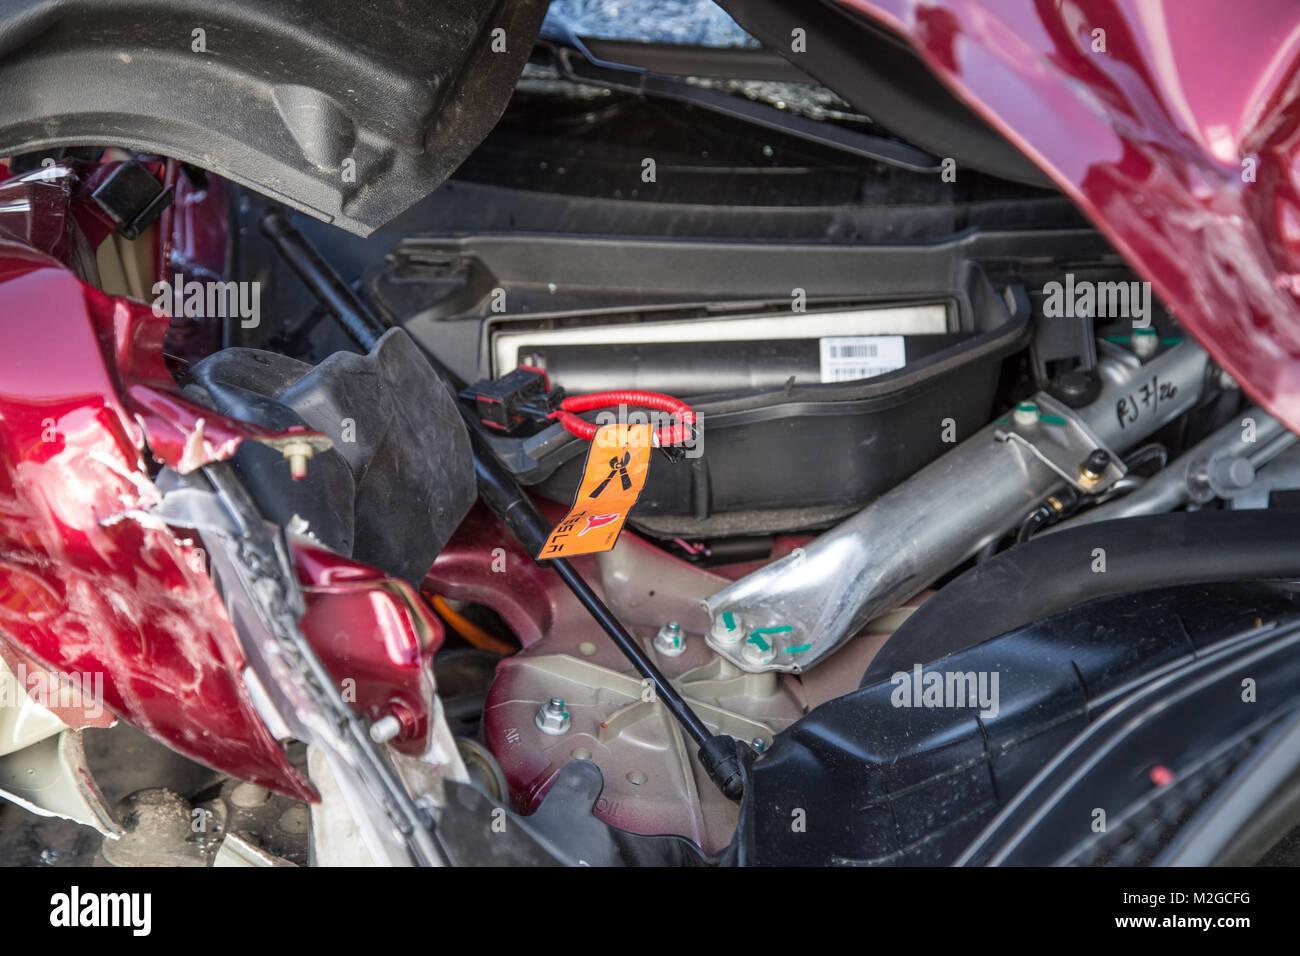 Ausgezeichnet Elektrofahrzeug Arbeiten Fotos - Elektrische ...